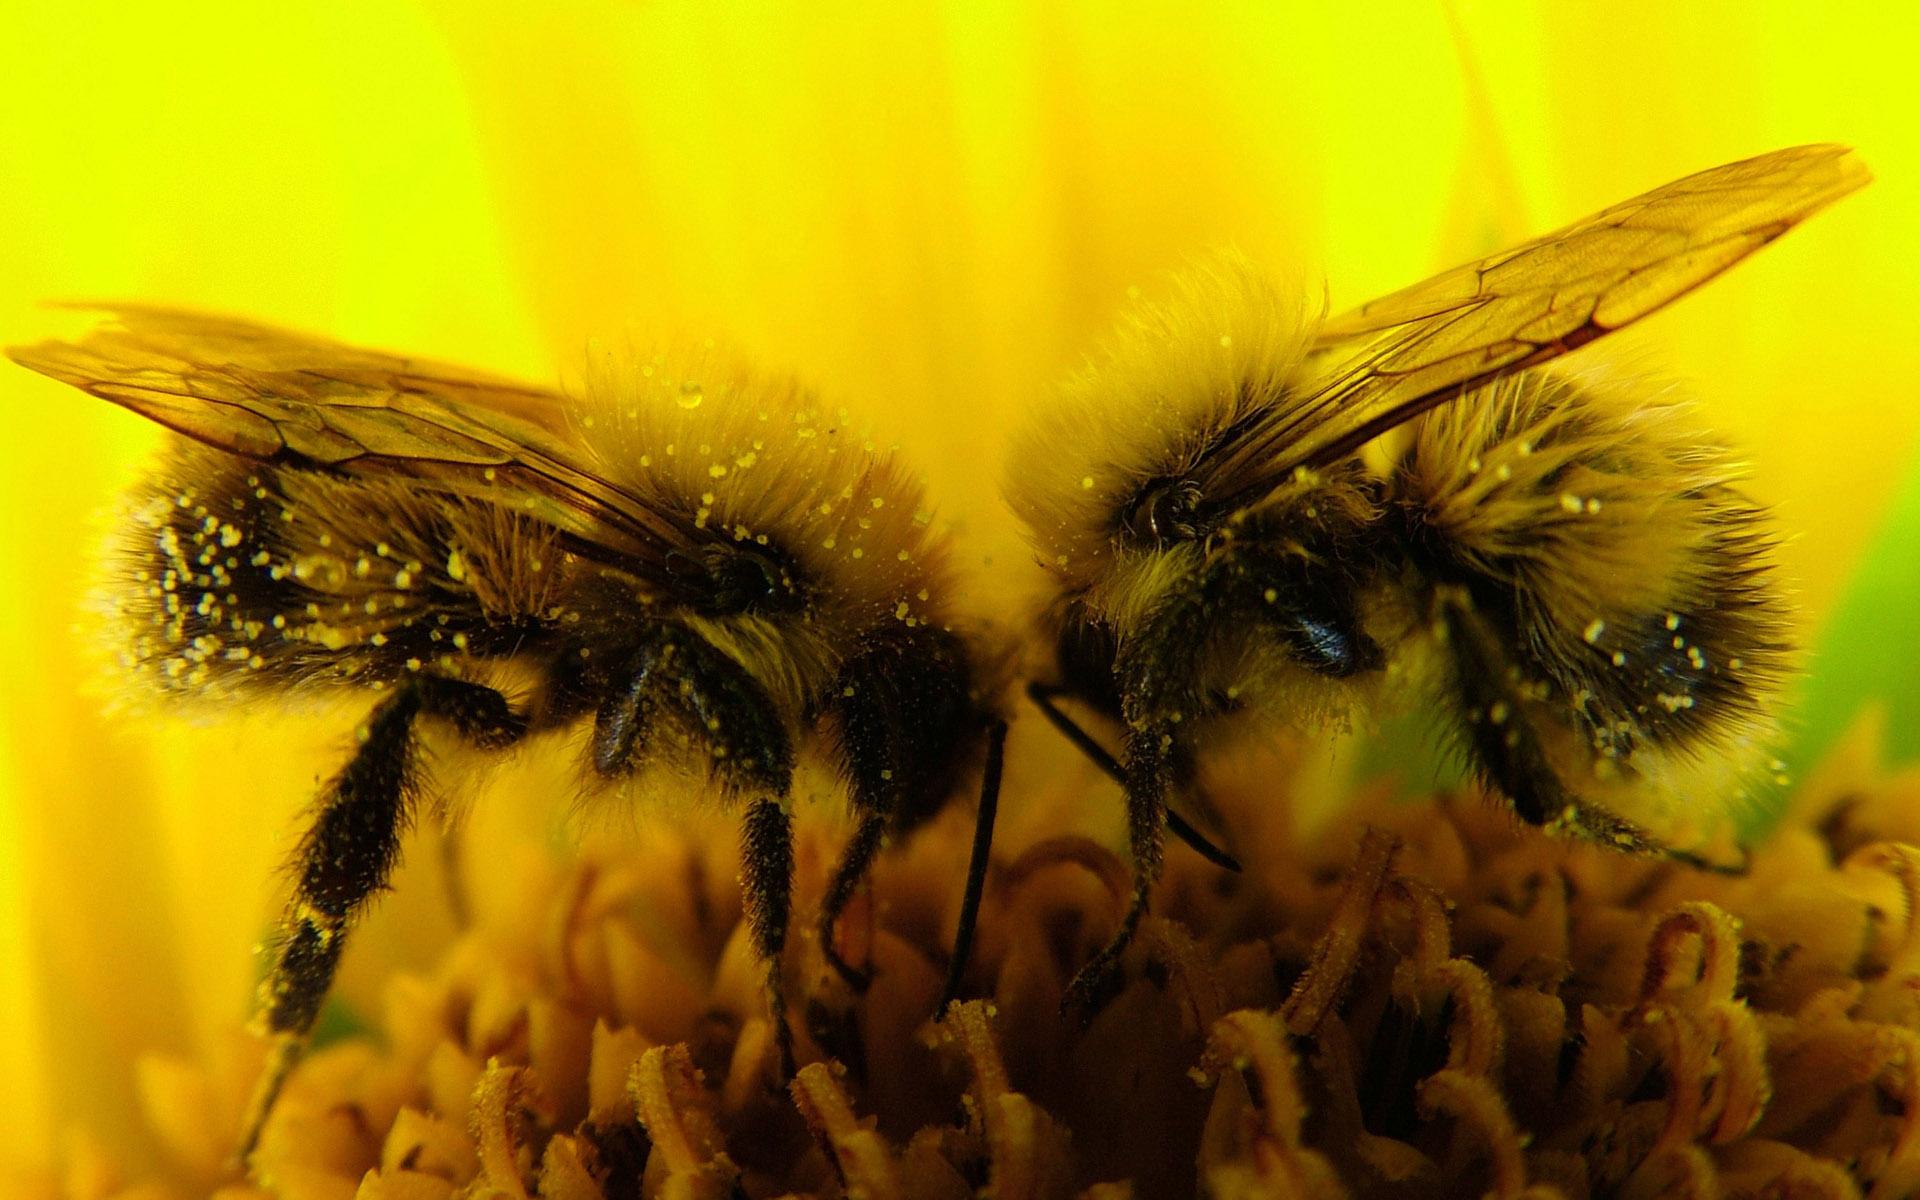 Пчелиный укус в любовном гнездышке 23 фотография